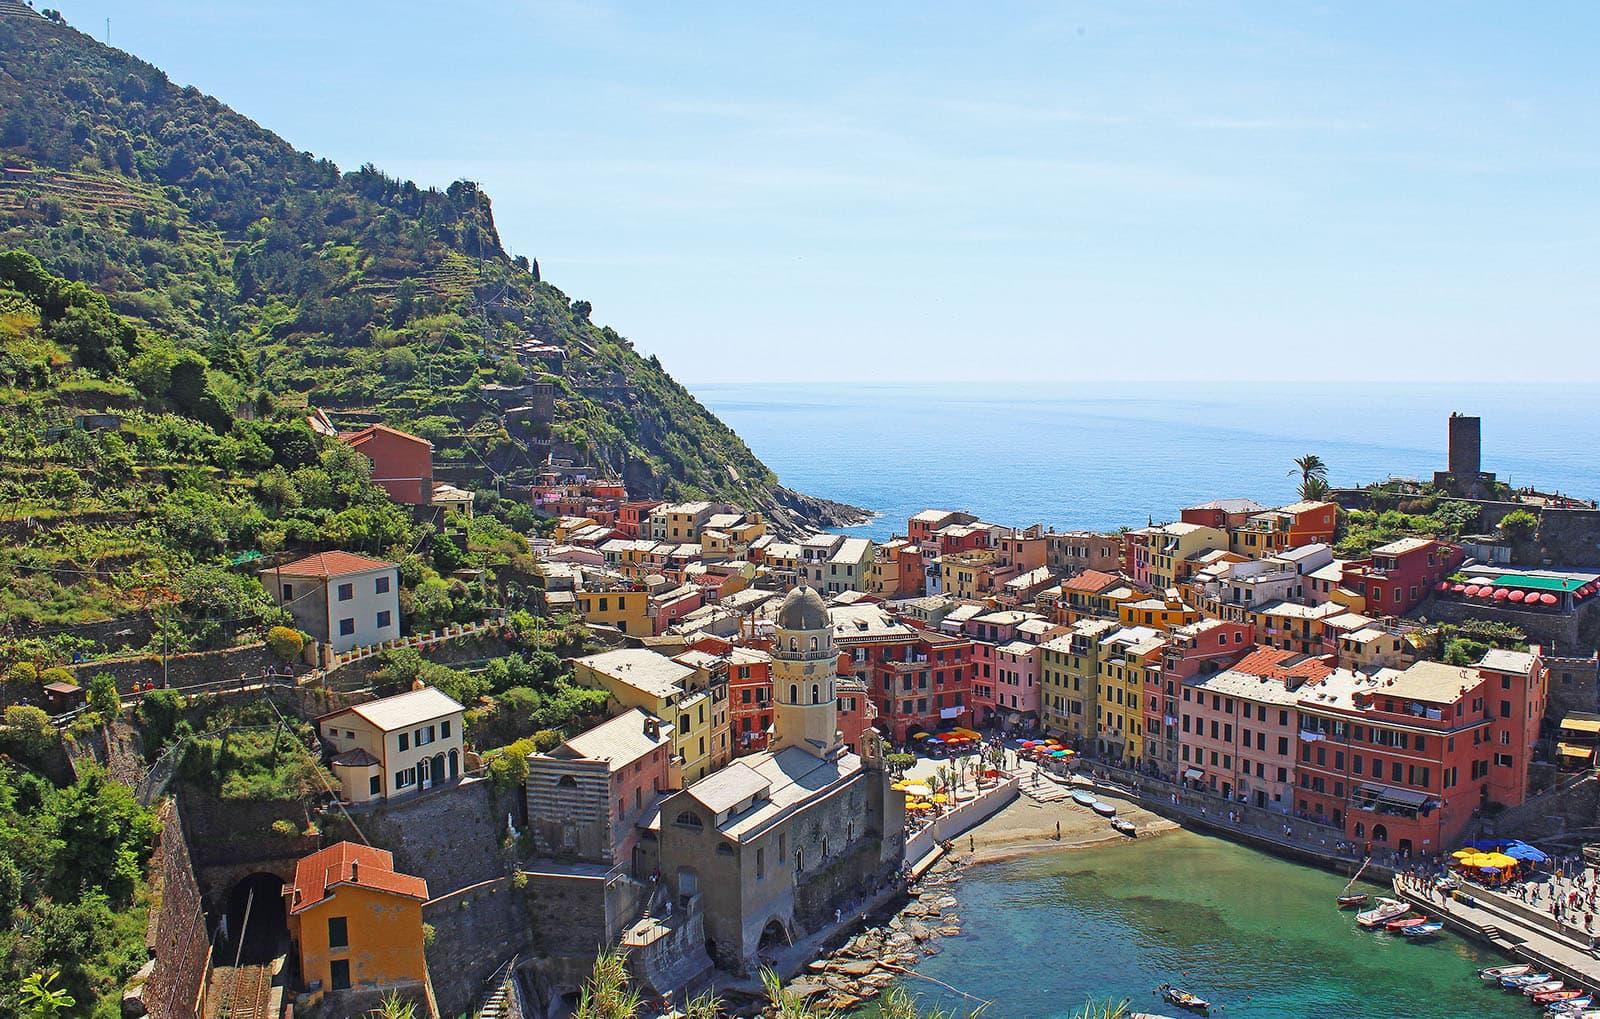 Cinque Terre Italy - image